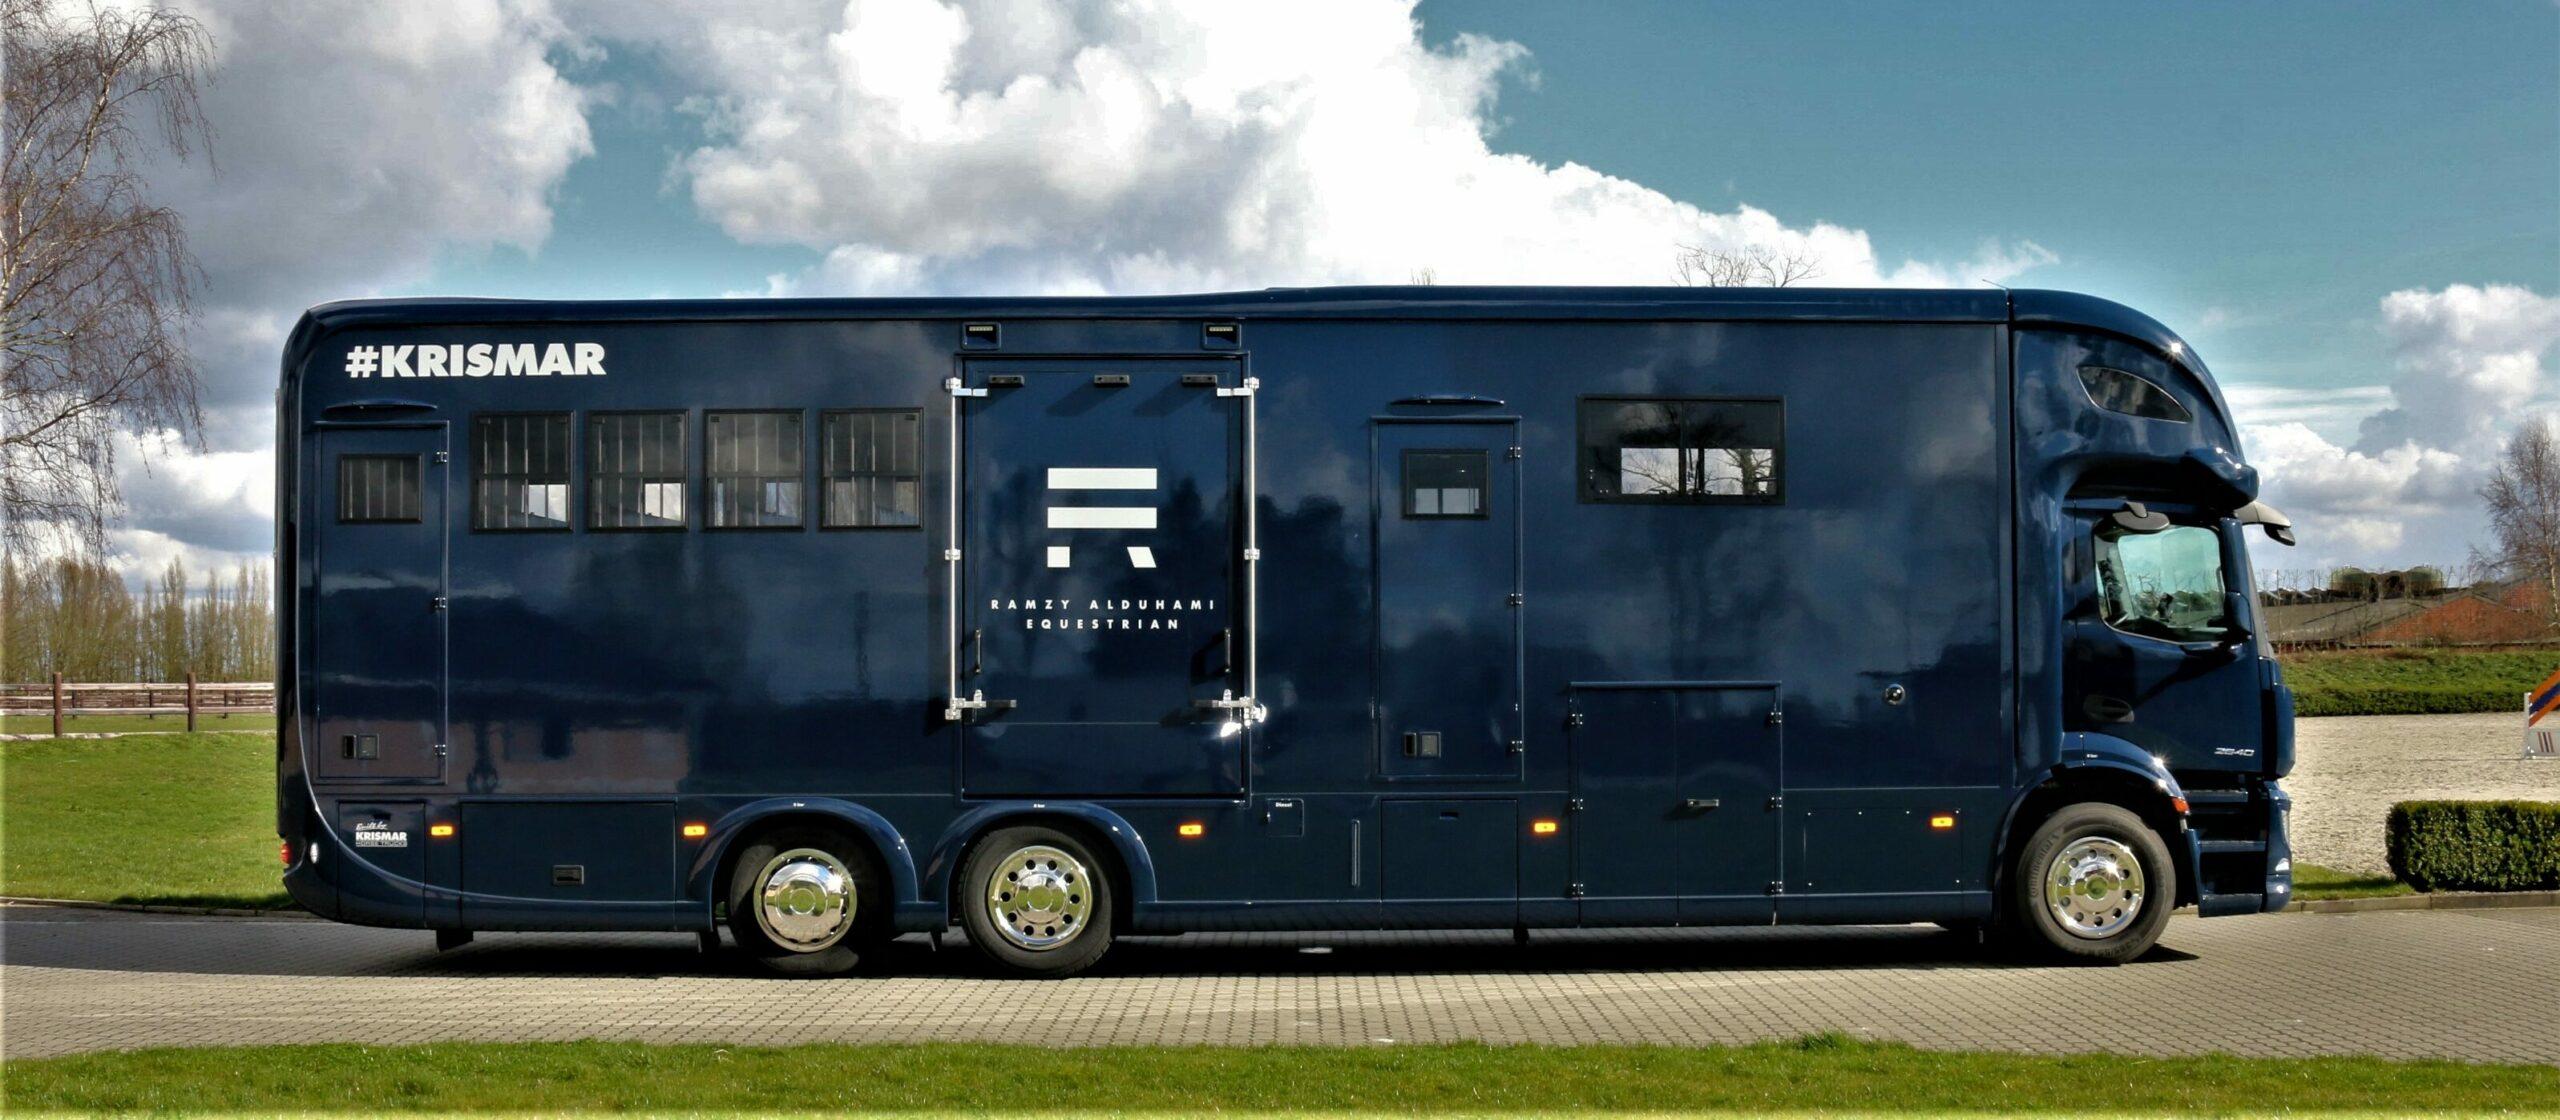 Krismar paardenvrachtwagen horsetruck blauwe kleur